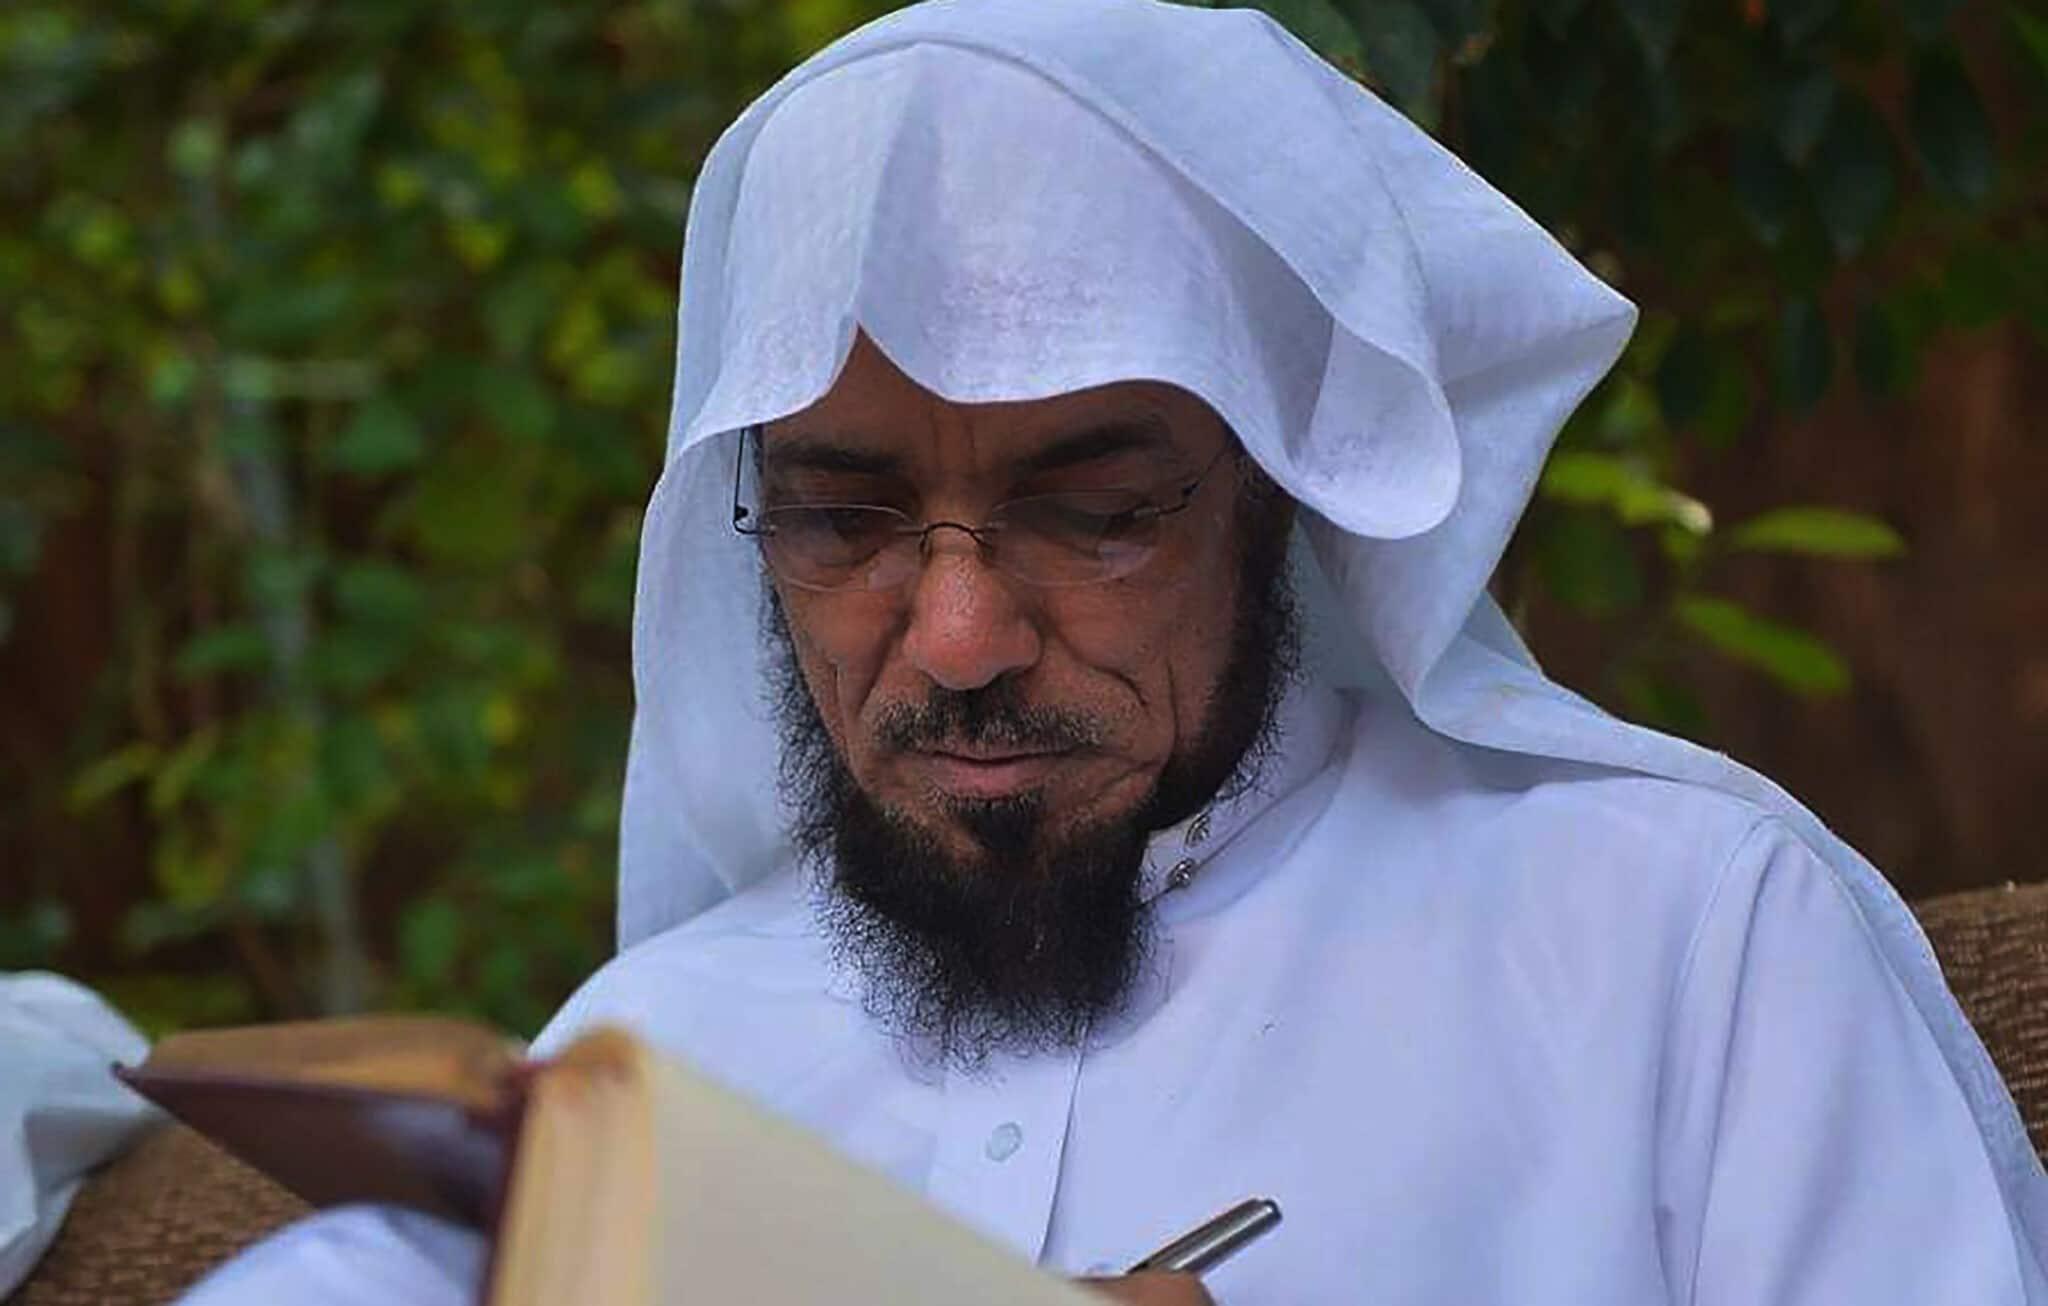 سلمان العودة يقتل ببطء في سجون السعودية